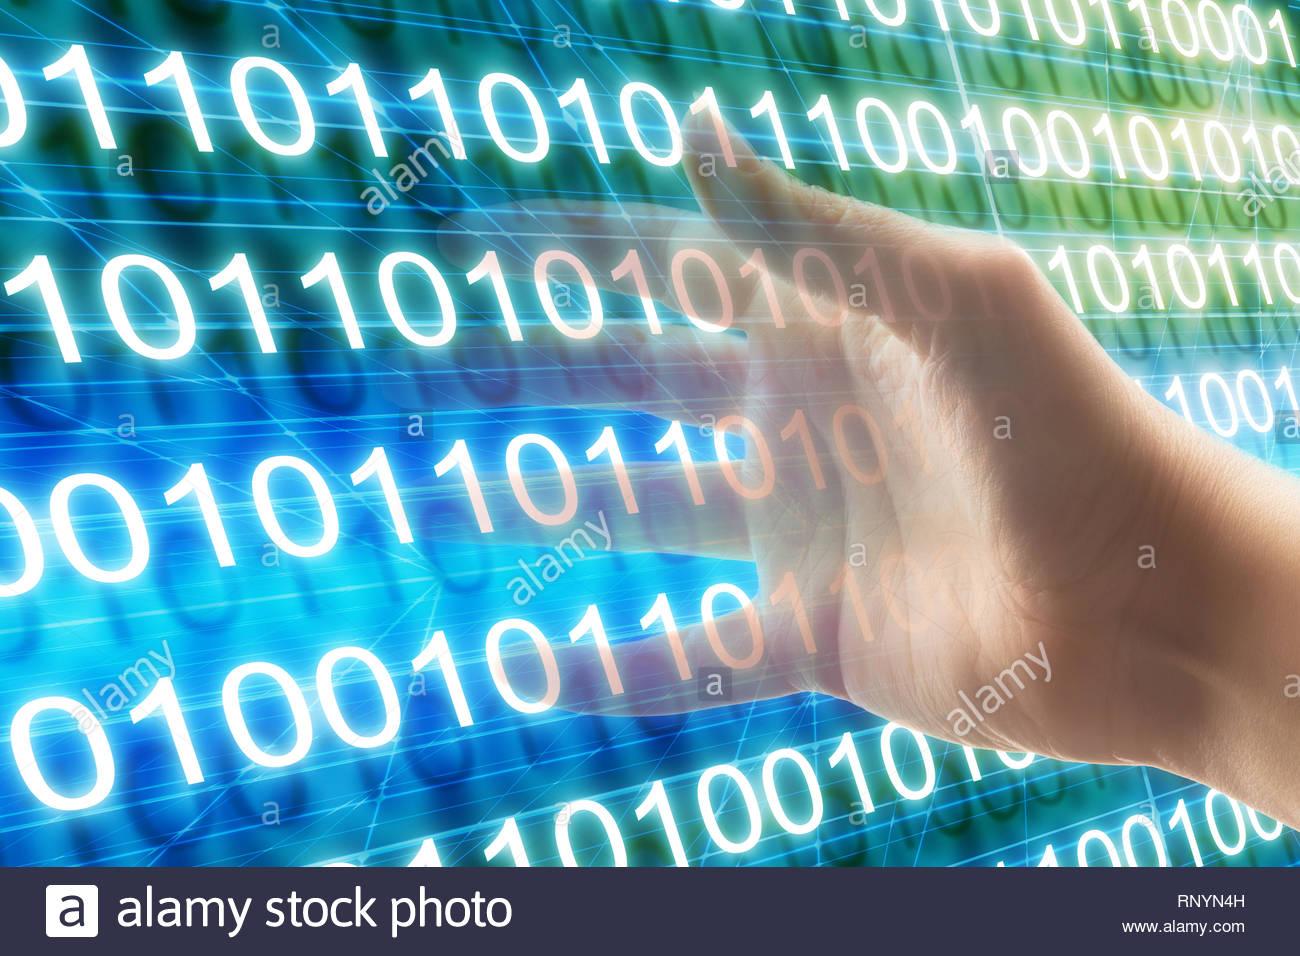 Mano agarrando el código, la ciberdelincuencia y la ruptura de códigos concepto Imagen De Stock